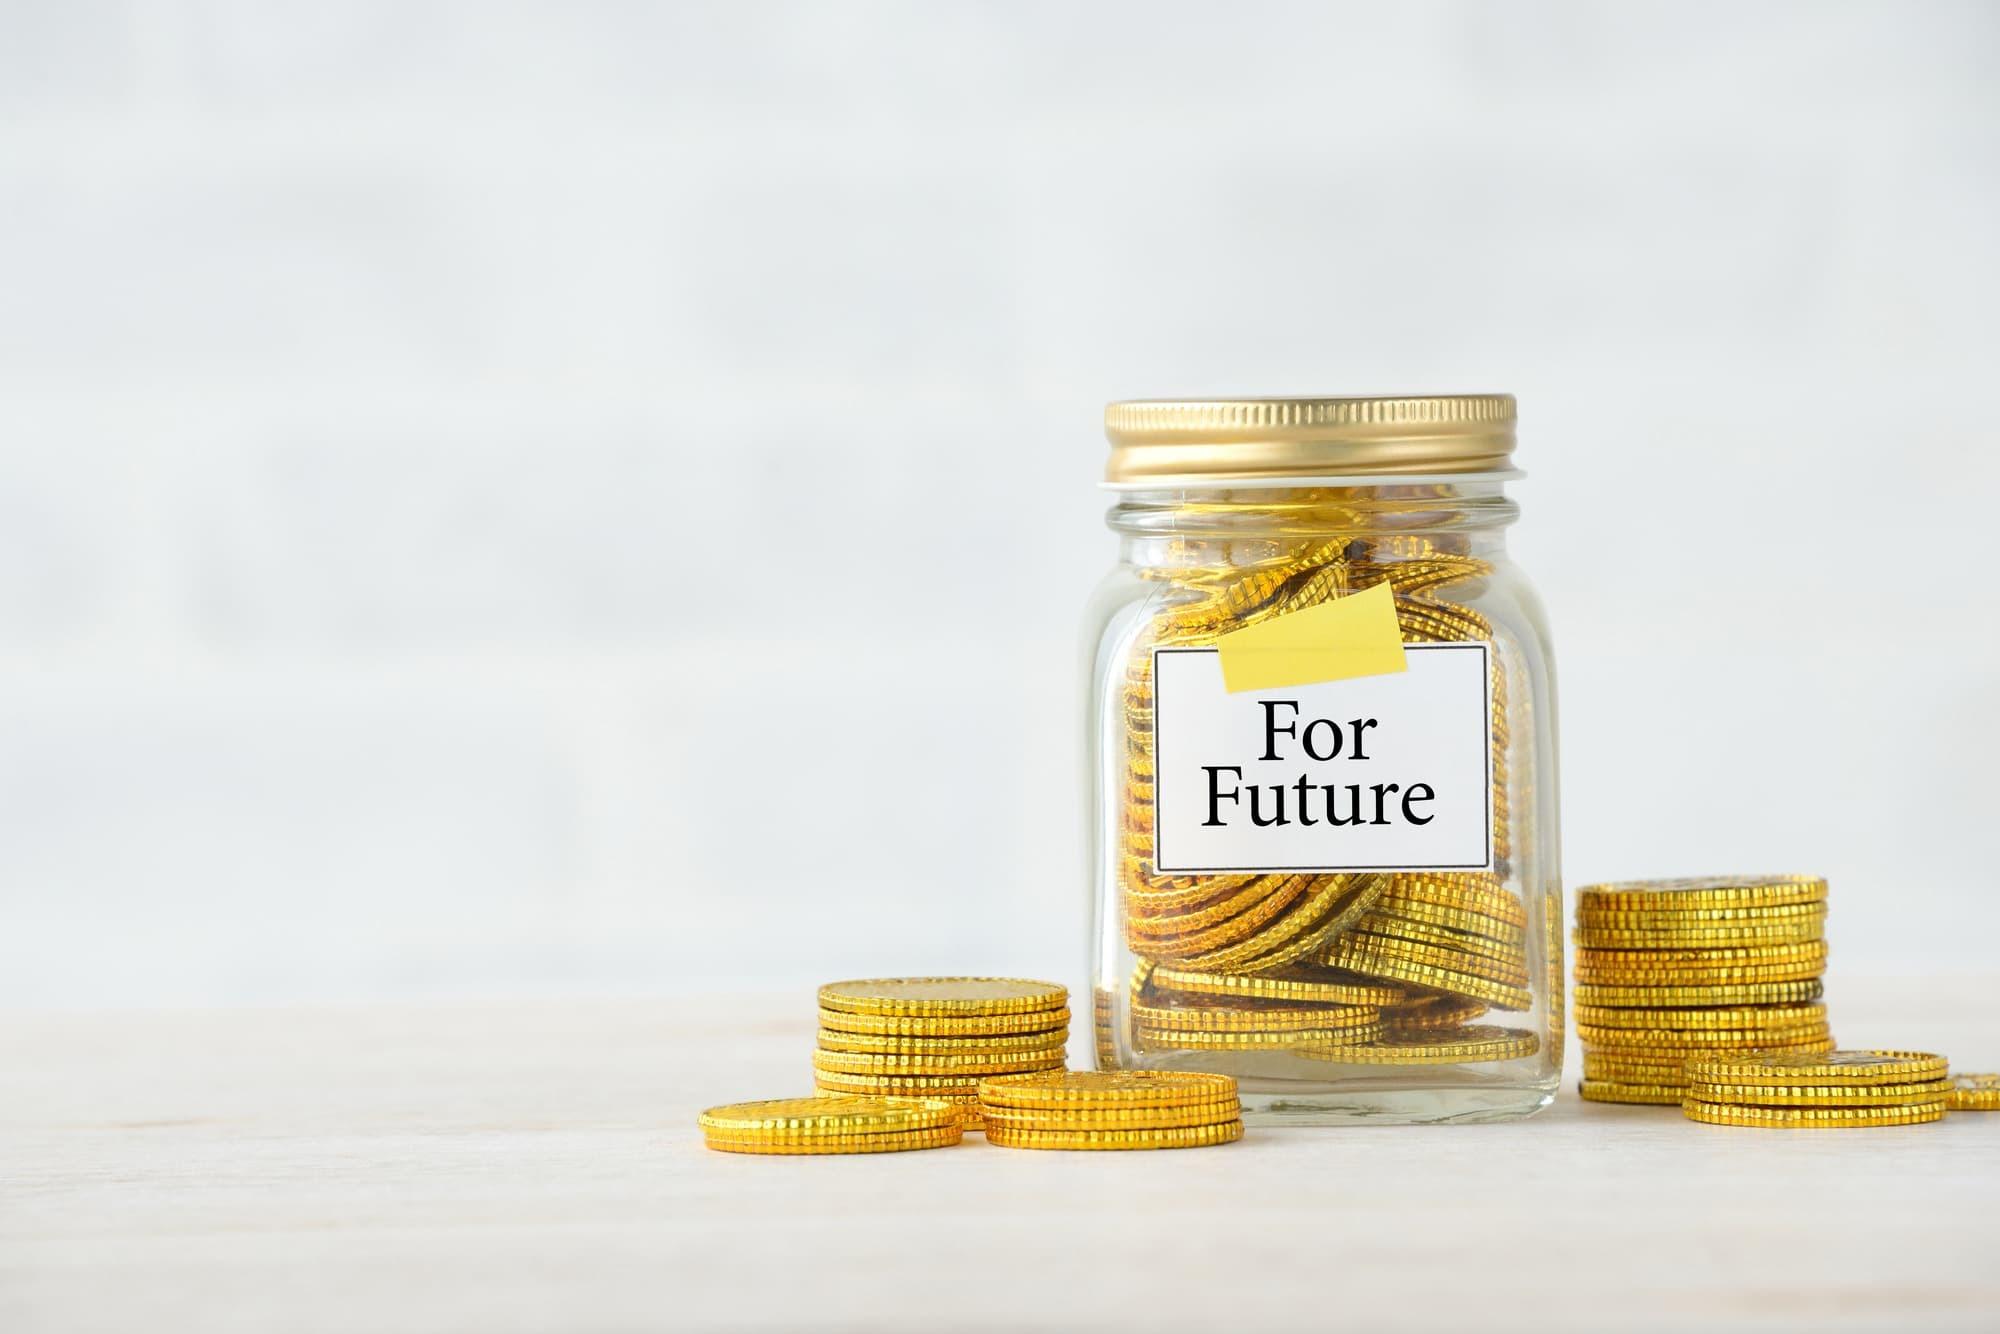 少ないボーナスでもしっかり貯まる!少額から始められる資産運用は?